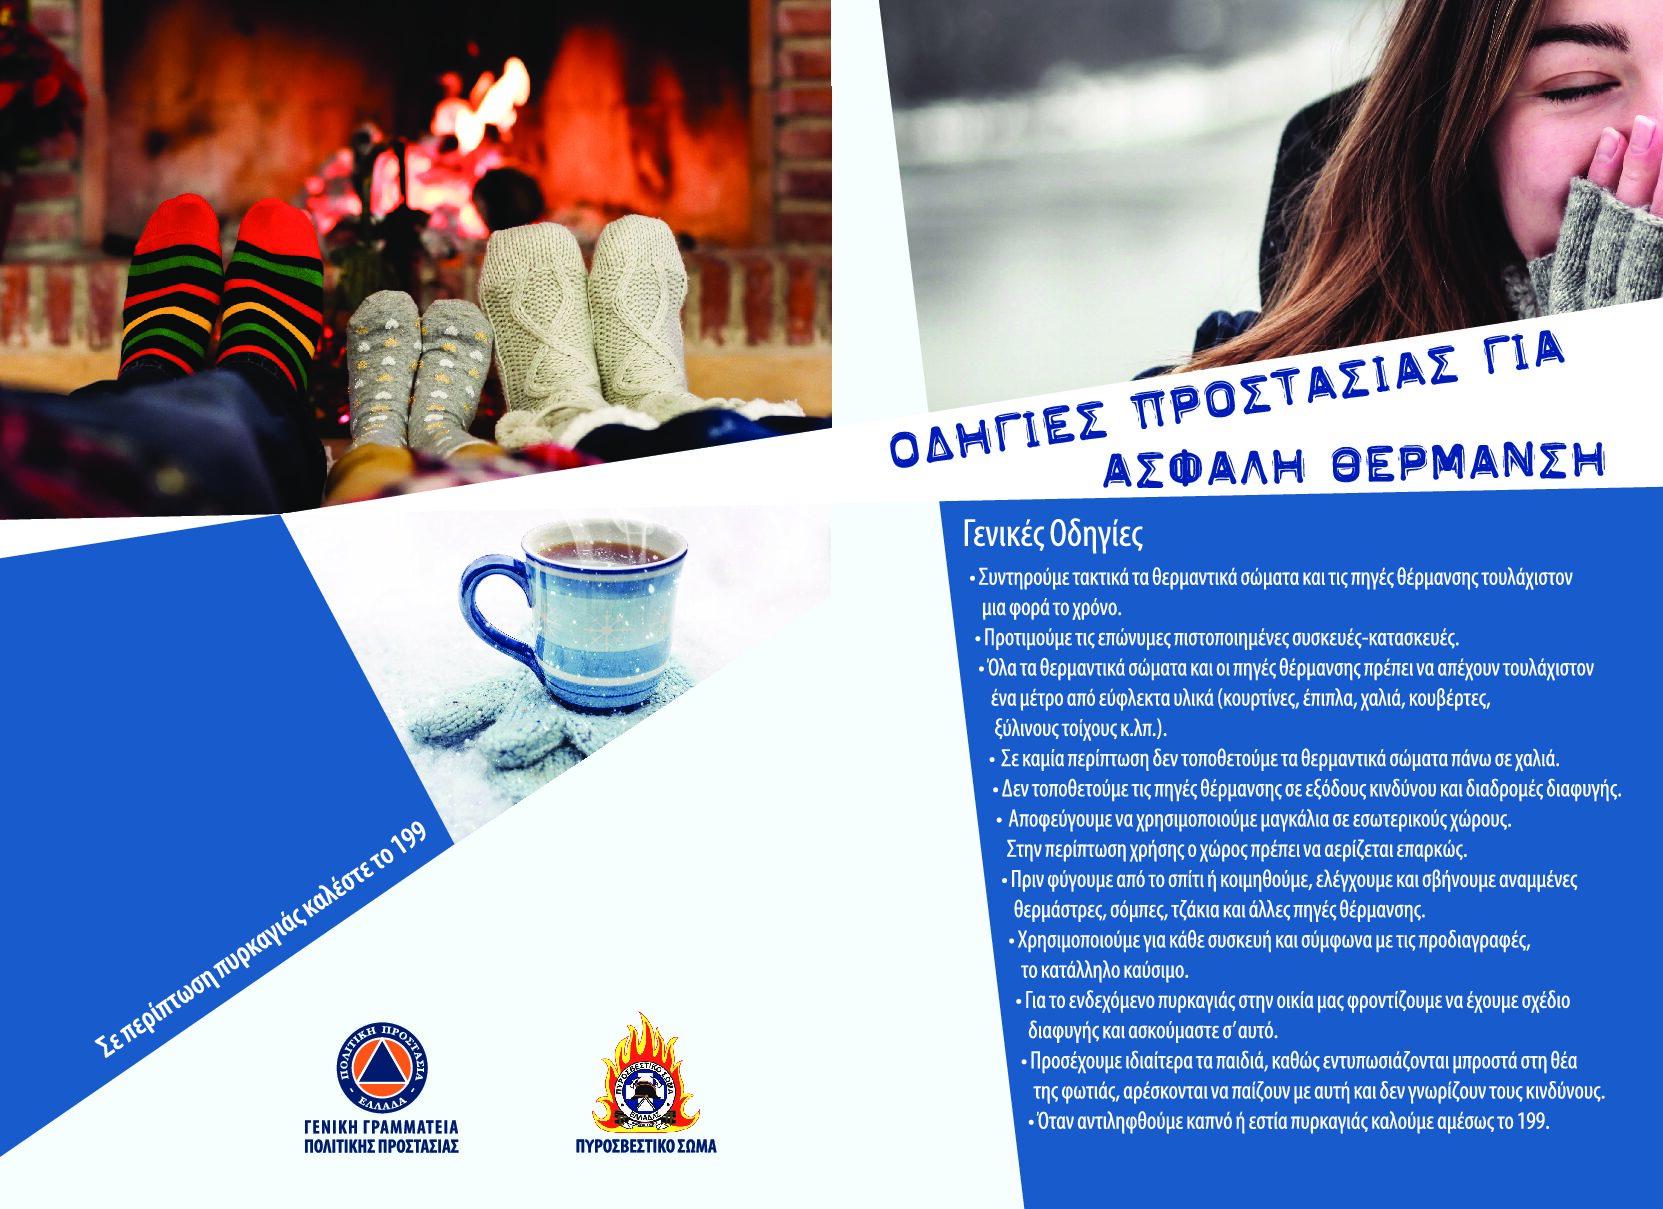 Δήμος Πειραιά : Θερμαινόμενοι χώροι για την προστασία των πολιτών